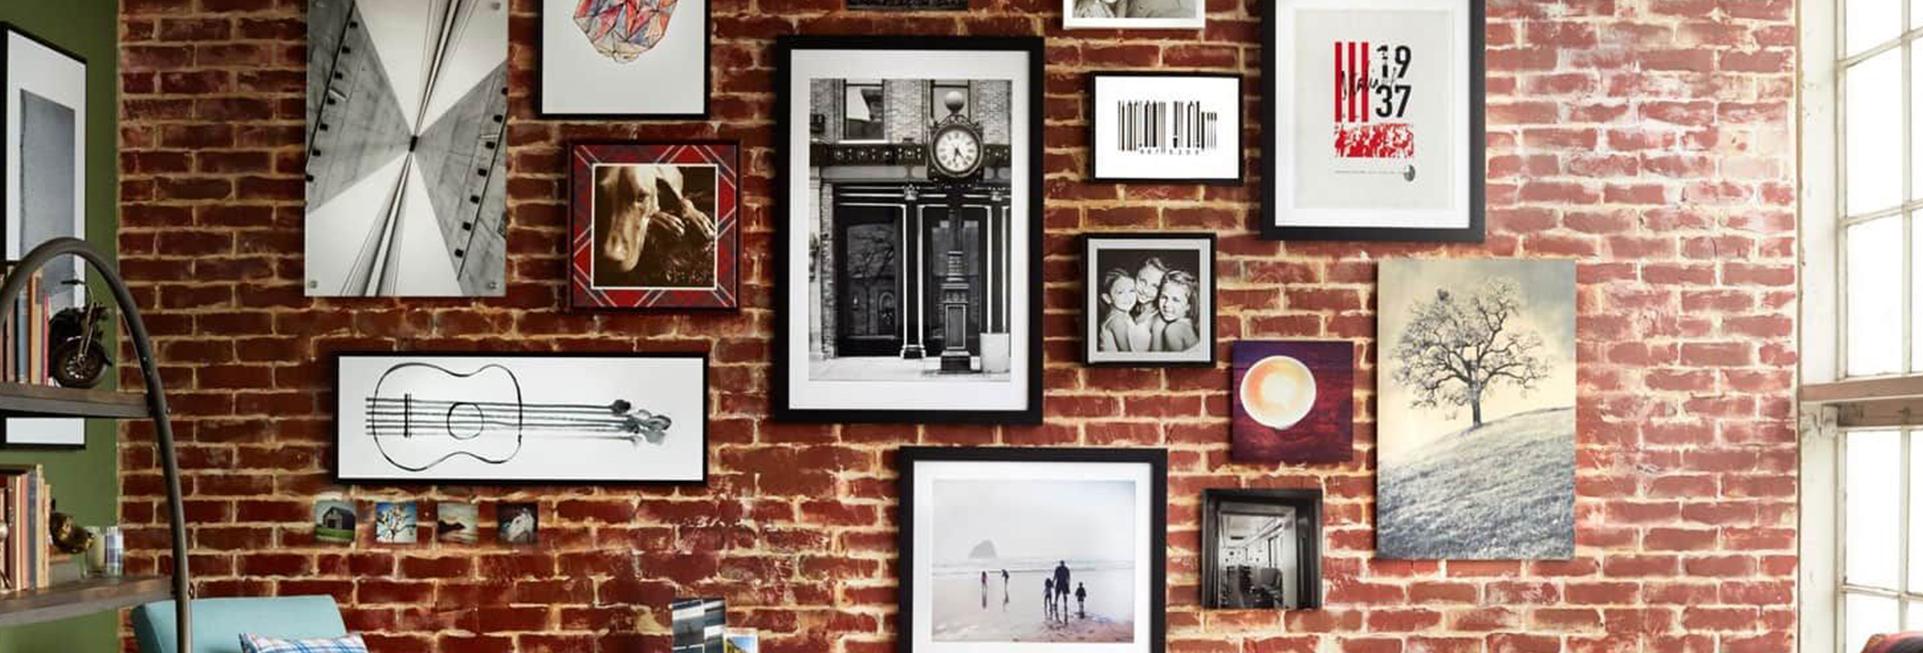 Fotografía para decoración de espacios - Uribe Schwarzkopf